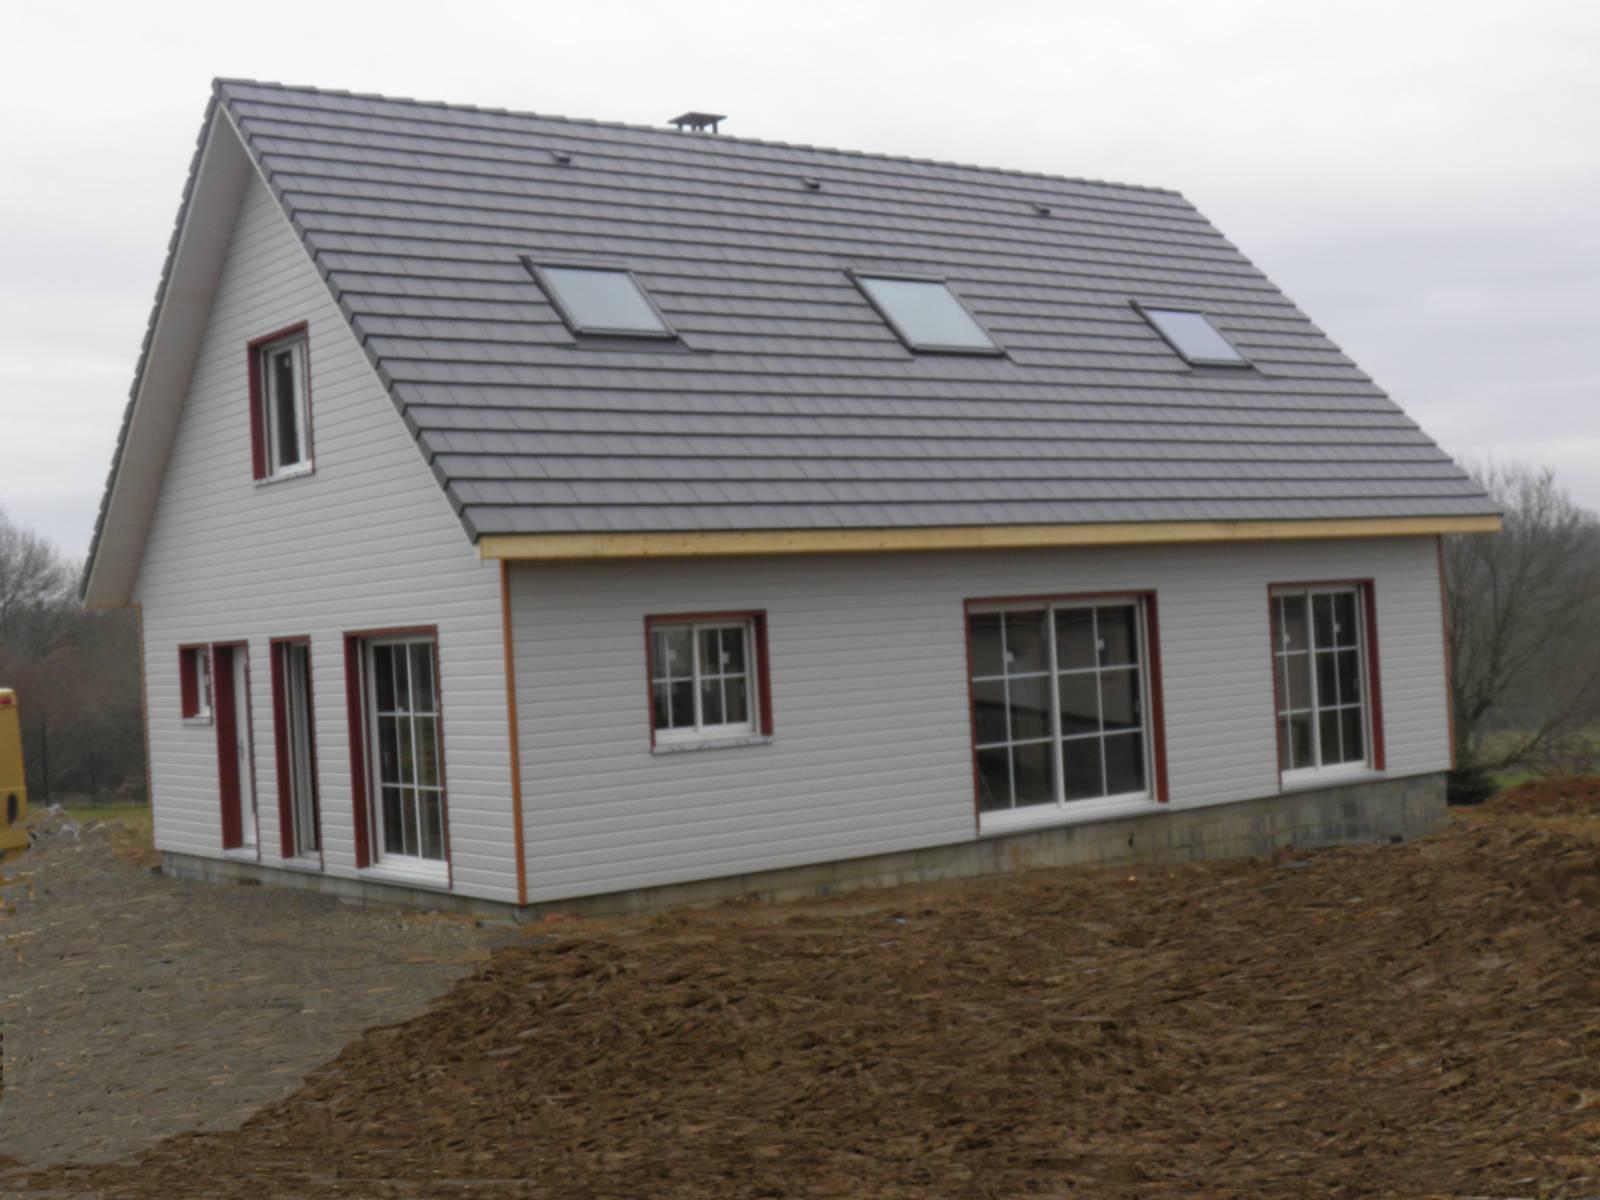 Maison auto construction r f 25 pr s de pau dans les for Auto construction maison